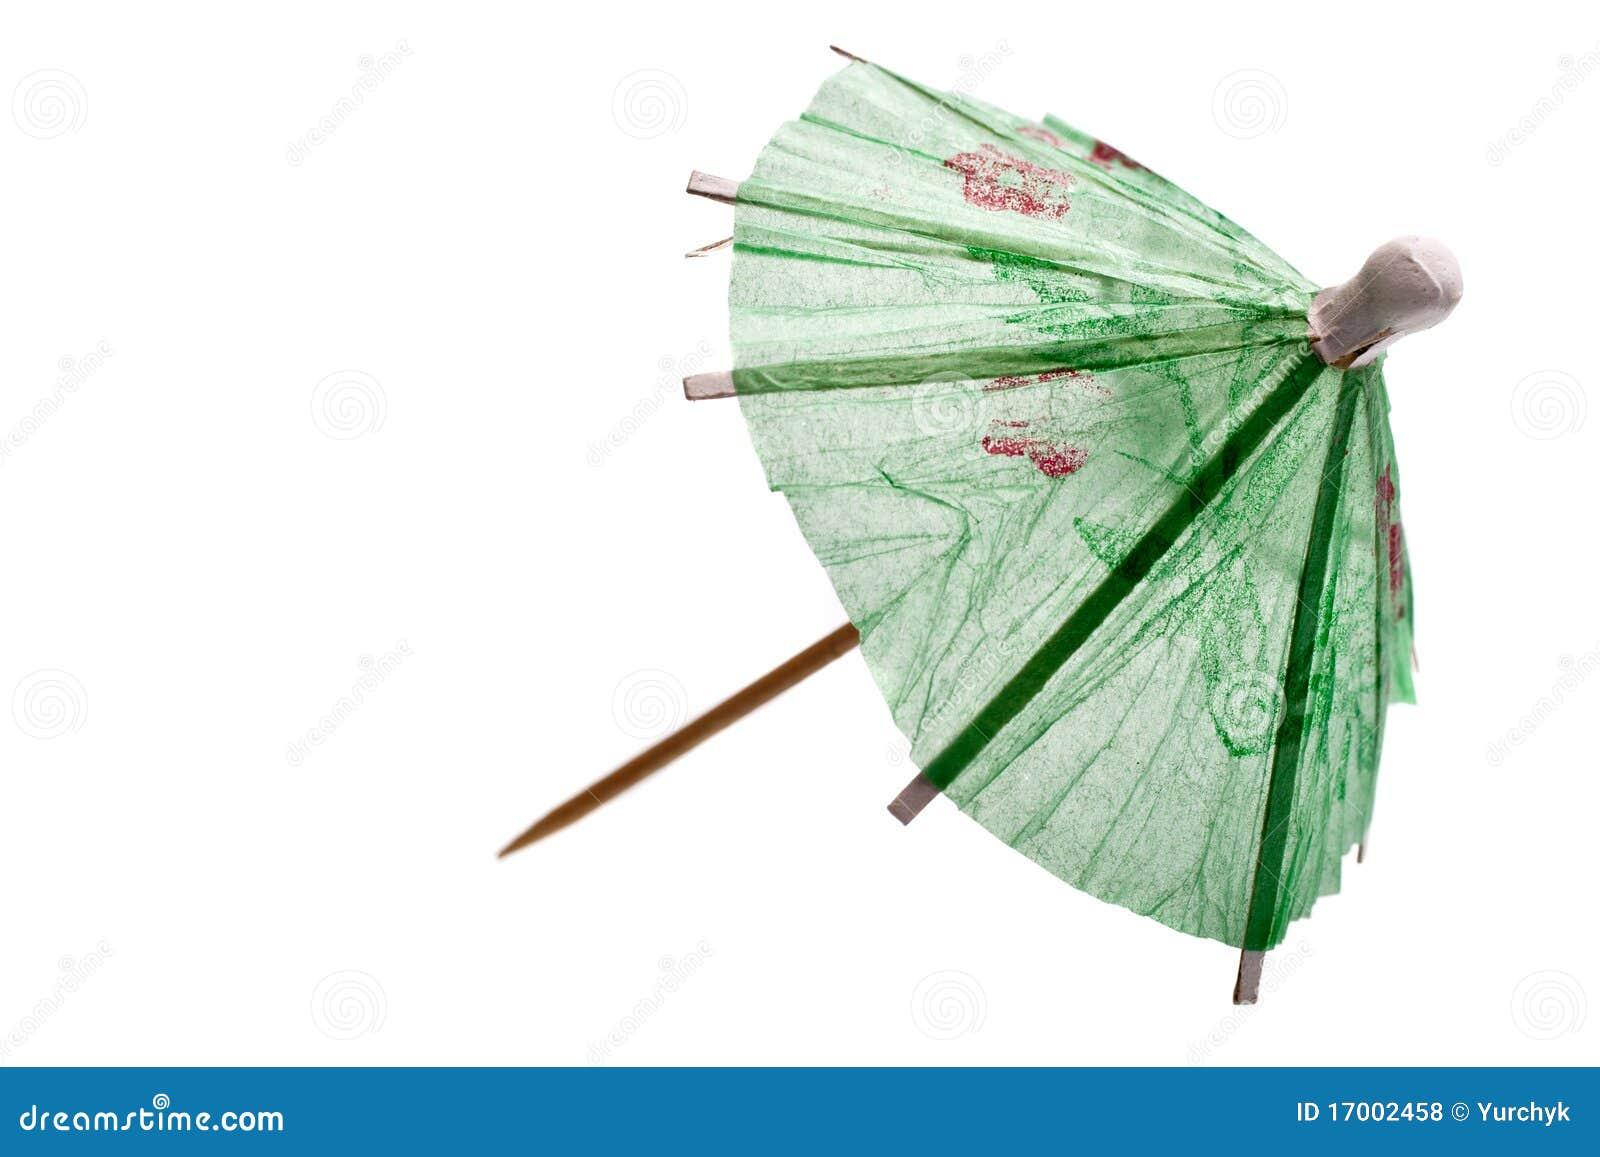 oil paper umbrella